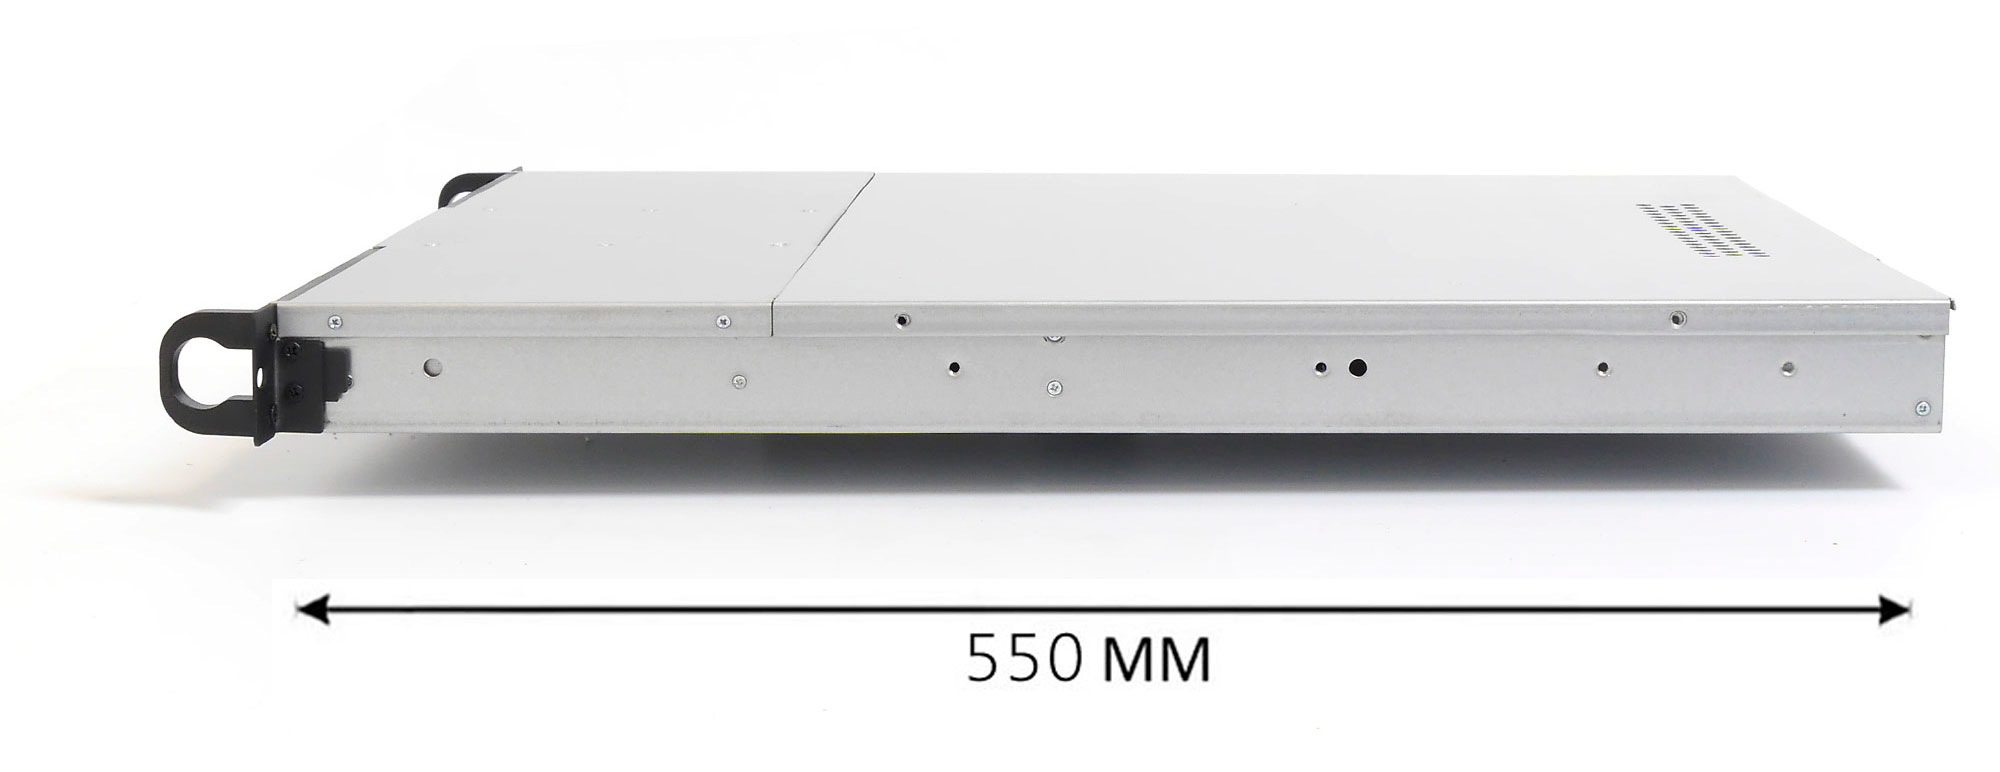 NR-D155